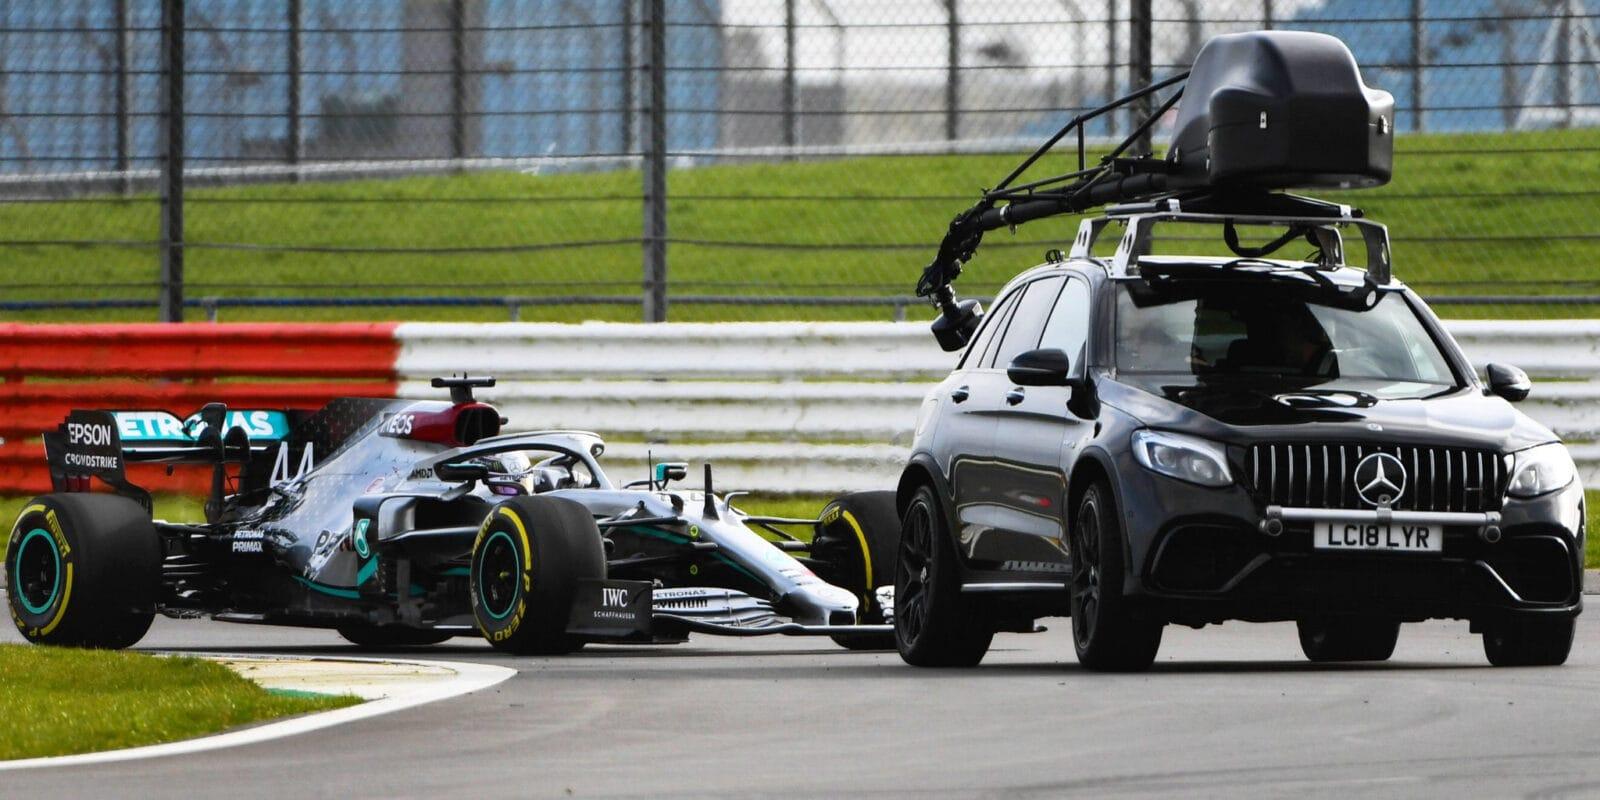 První videa nových monopostů F1 na trati